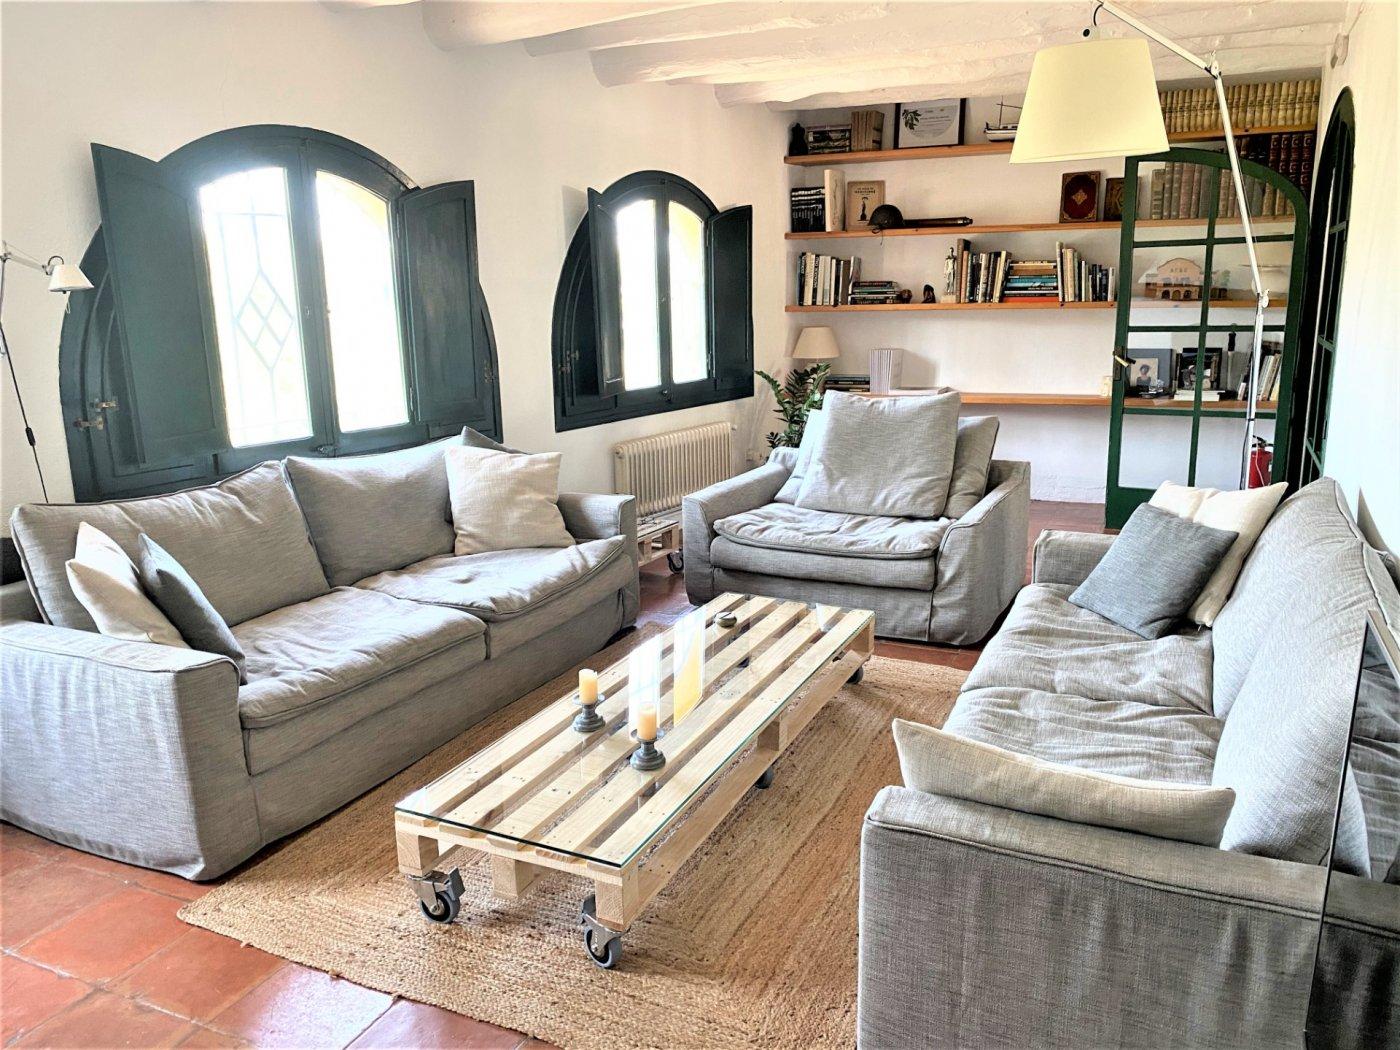 Casa en venta en montblanc - imagenInmueble17